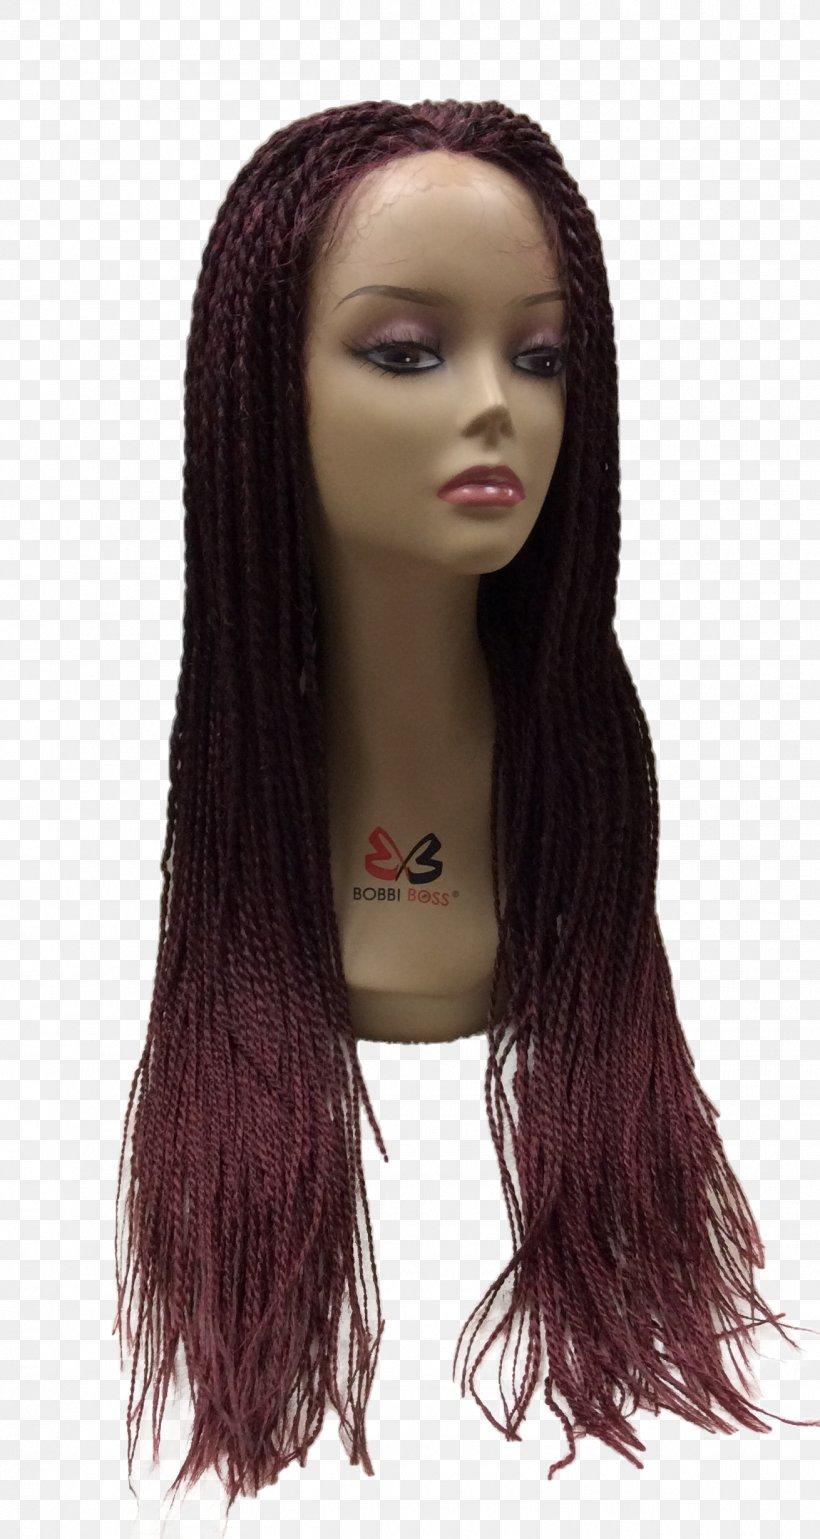 Wig Hairstyle Long Hair Hair Coloring Black Hair Png